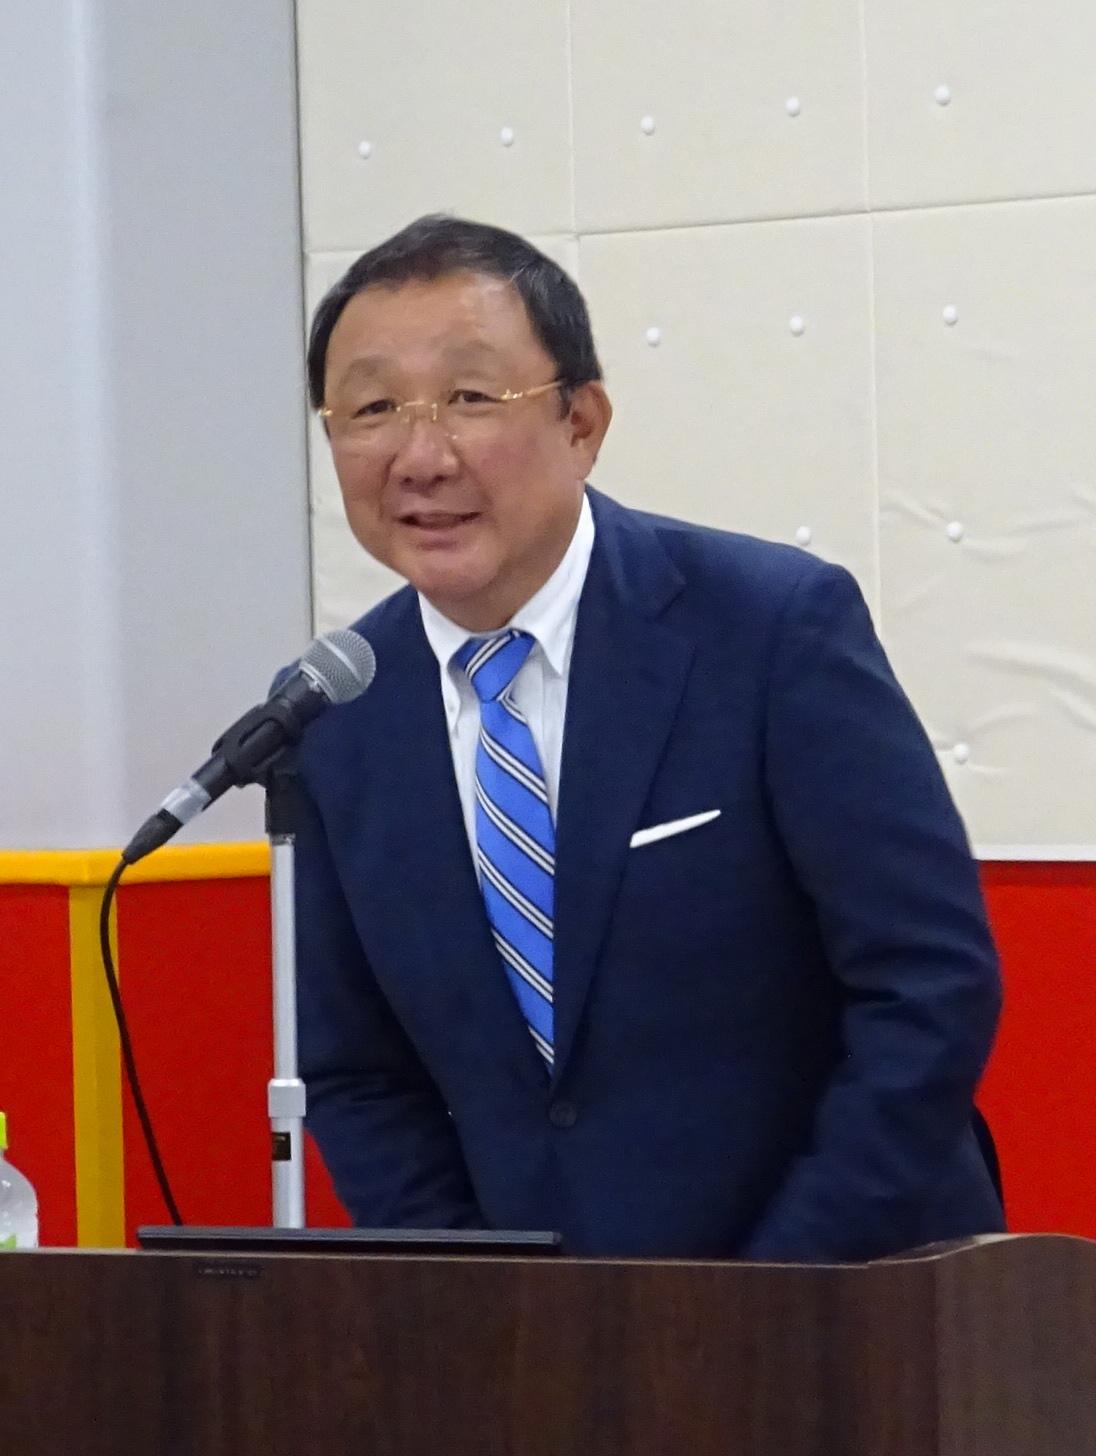 竣工披露会で挨拶を述べる福田社長